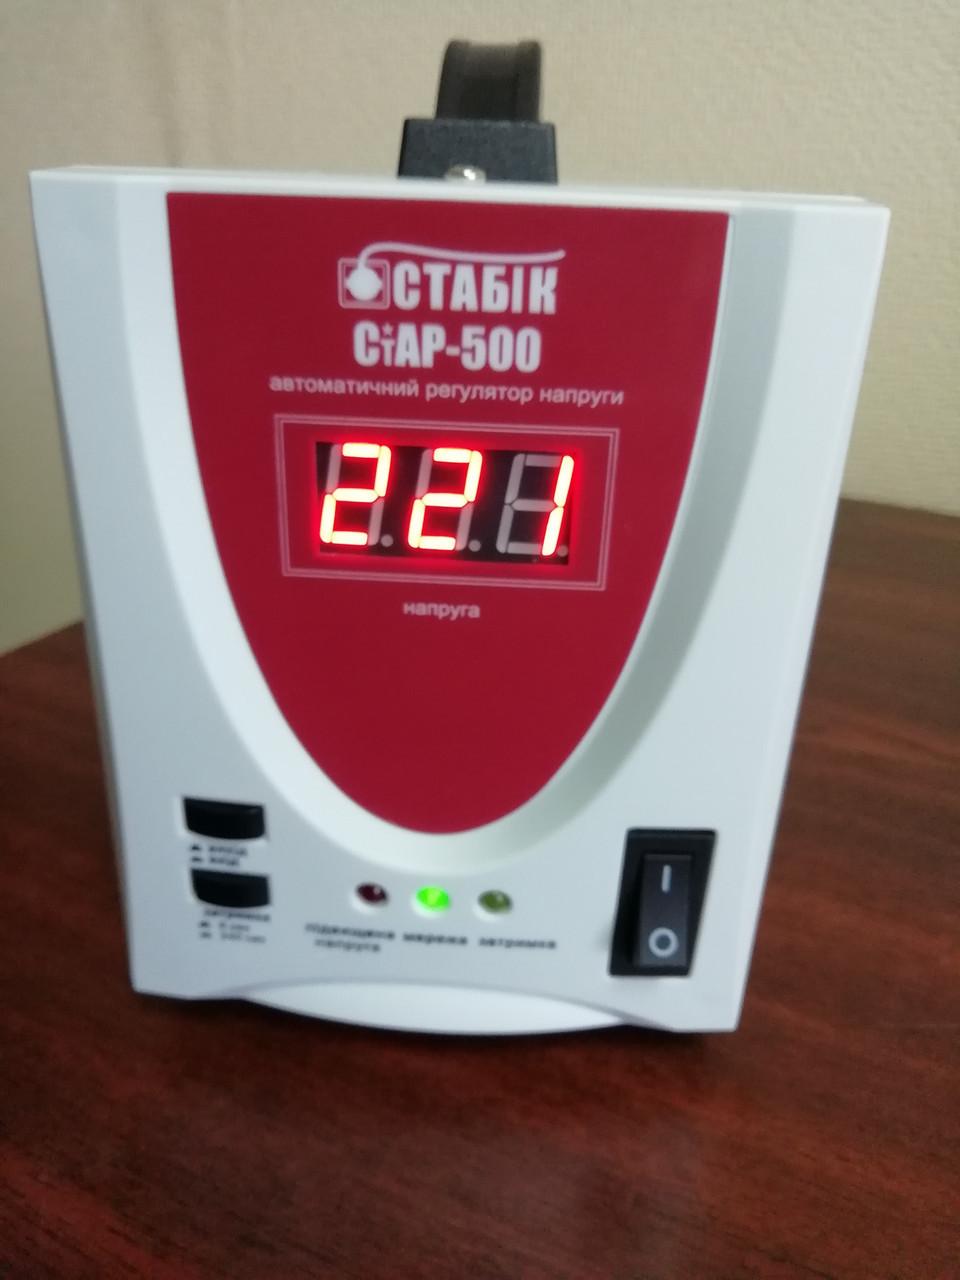 Релейный стабилизатор СТАР-500 для котла